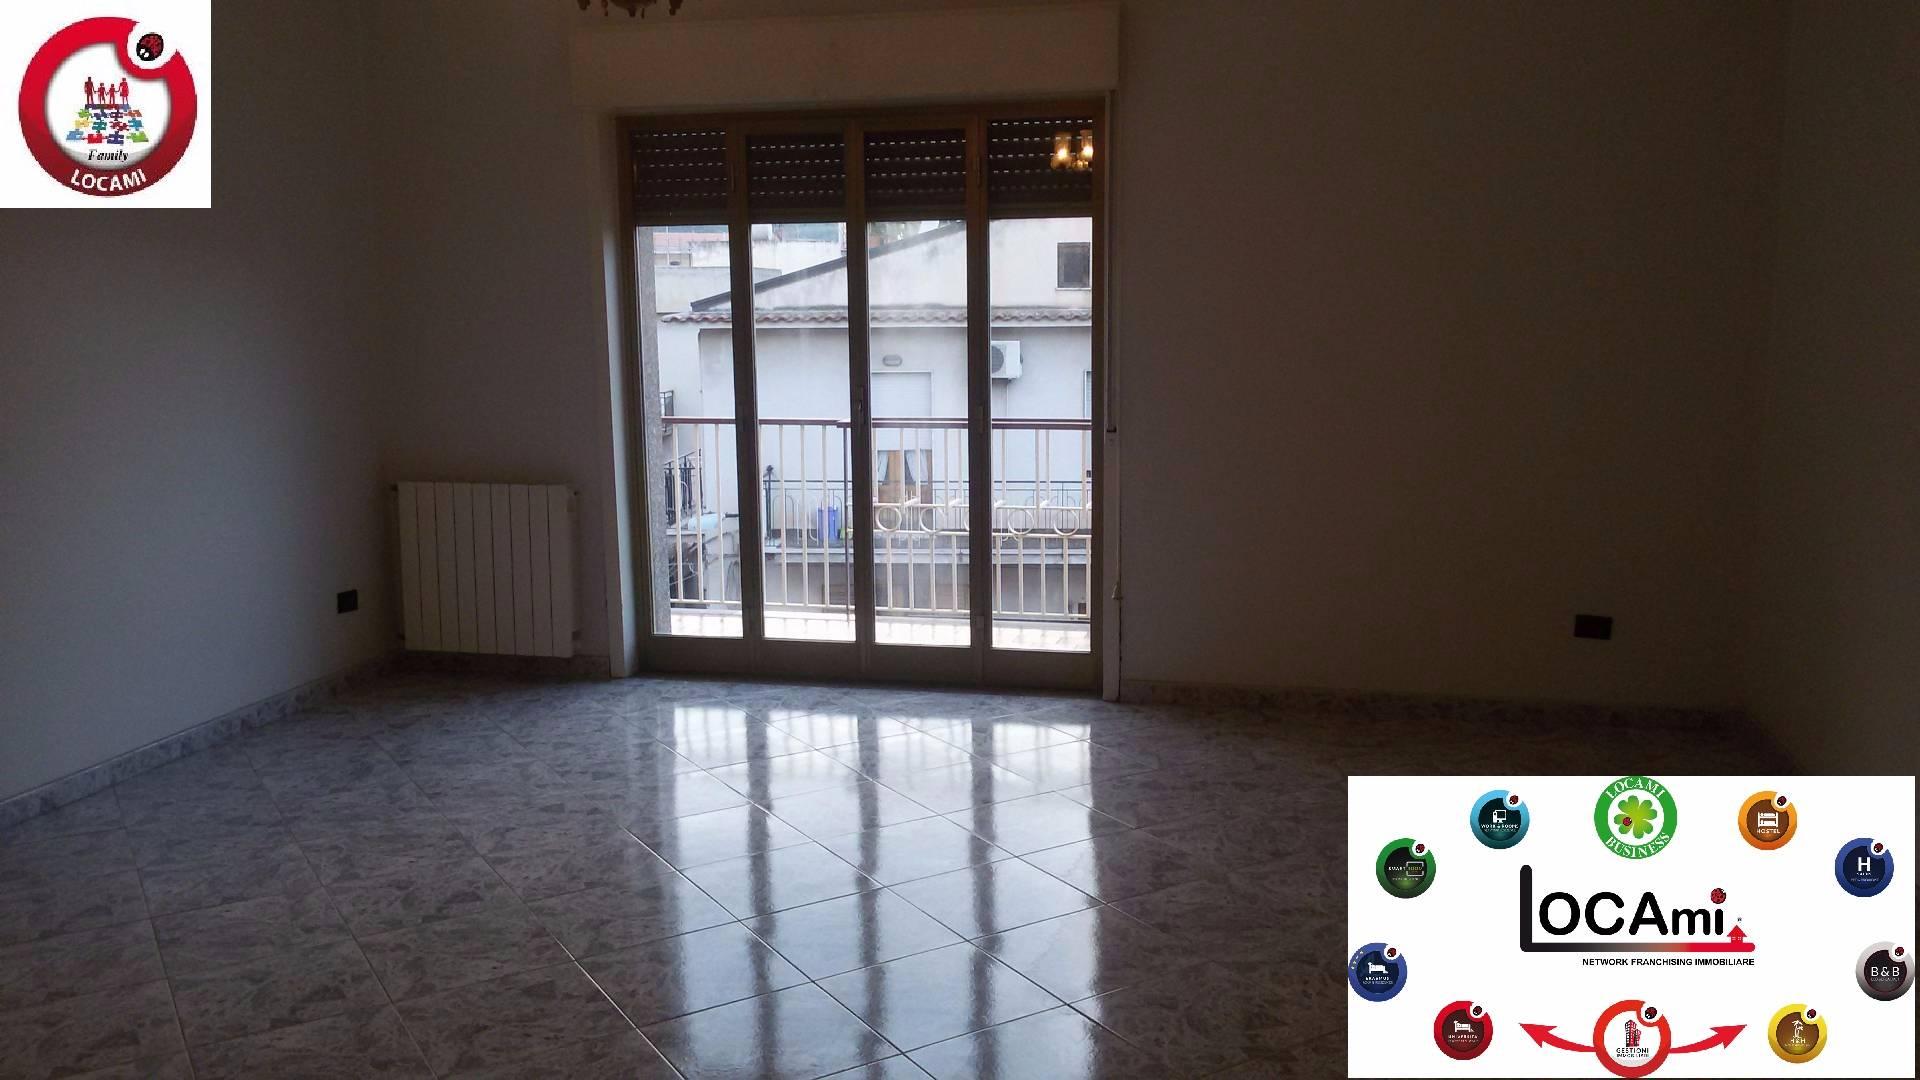 Appartamento in affitto a Patti, 6 locali, zona Località: MarinadiPatti, prezzo € 450 | Cambio Casa.it